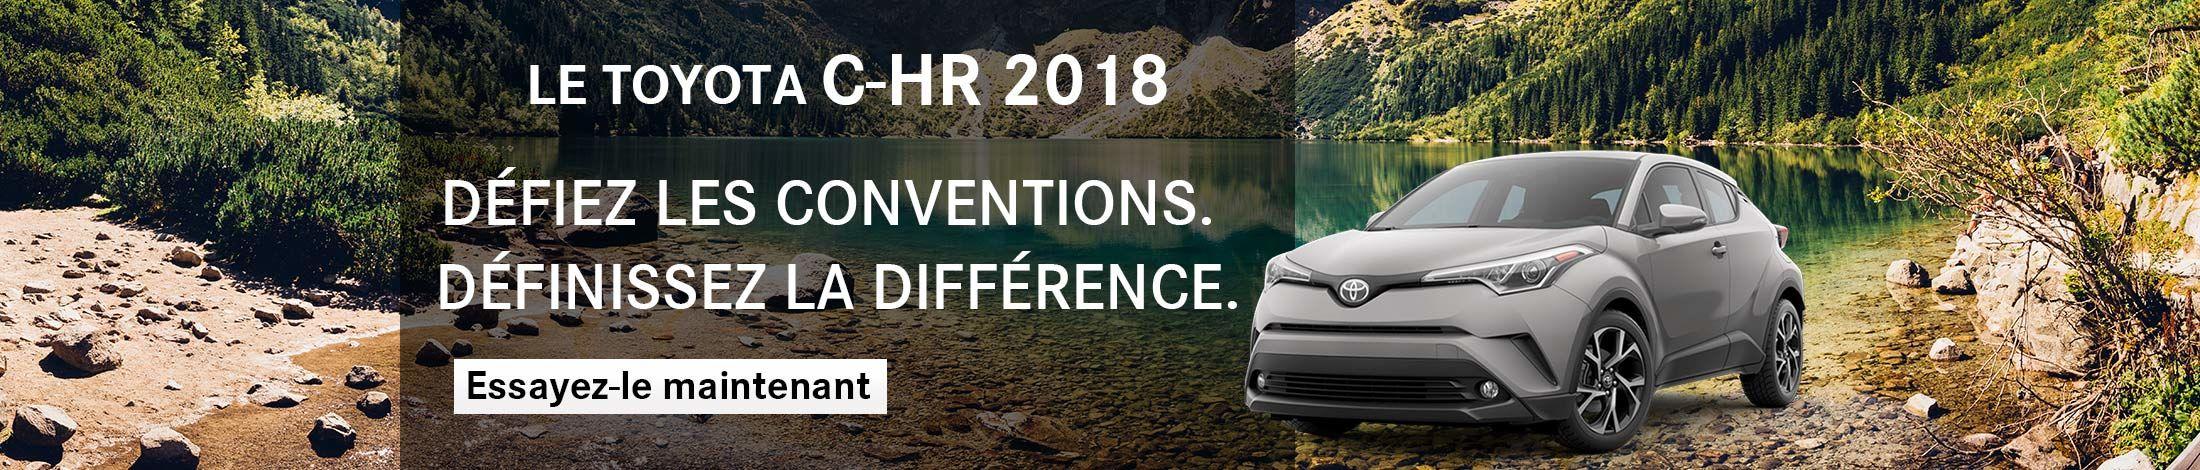 Header Betty C-HR 2018